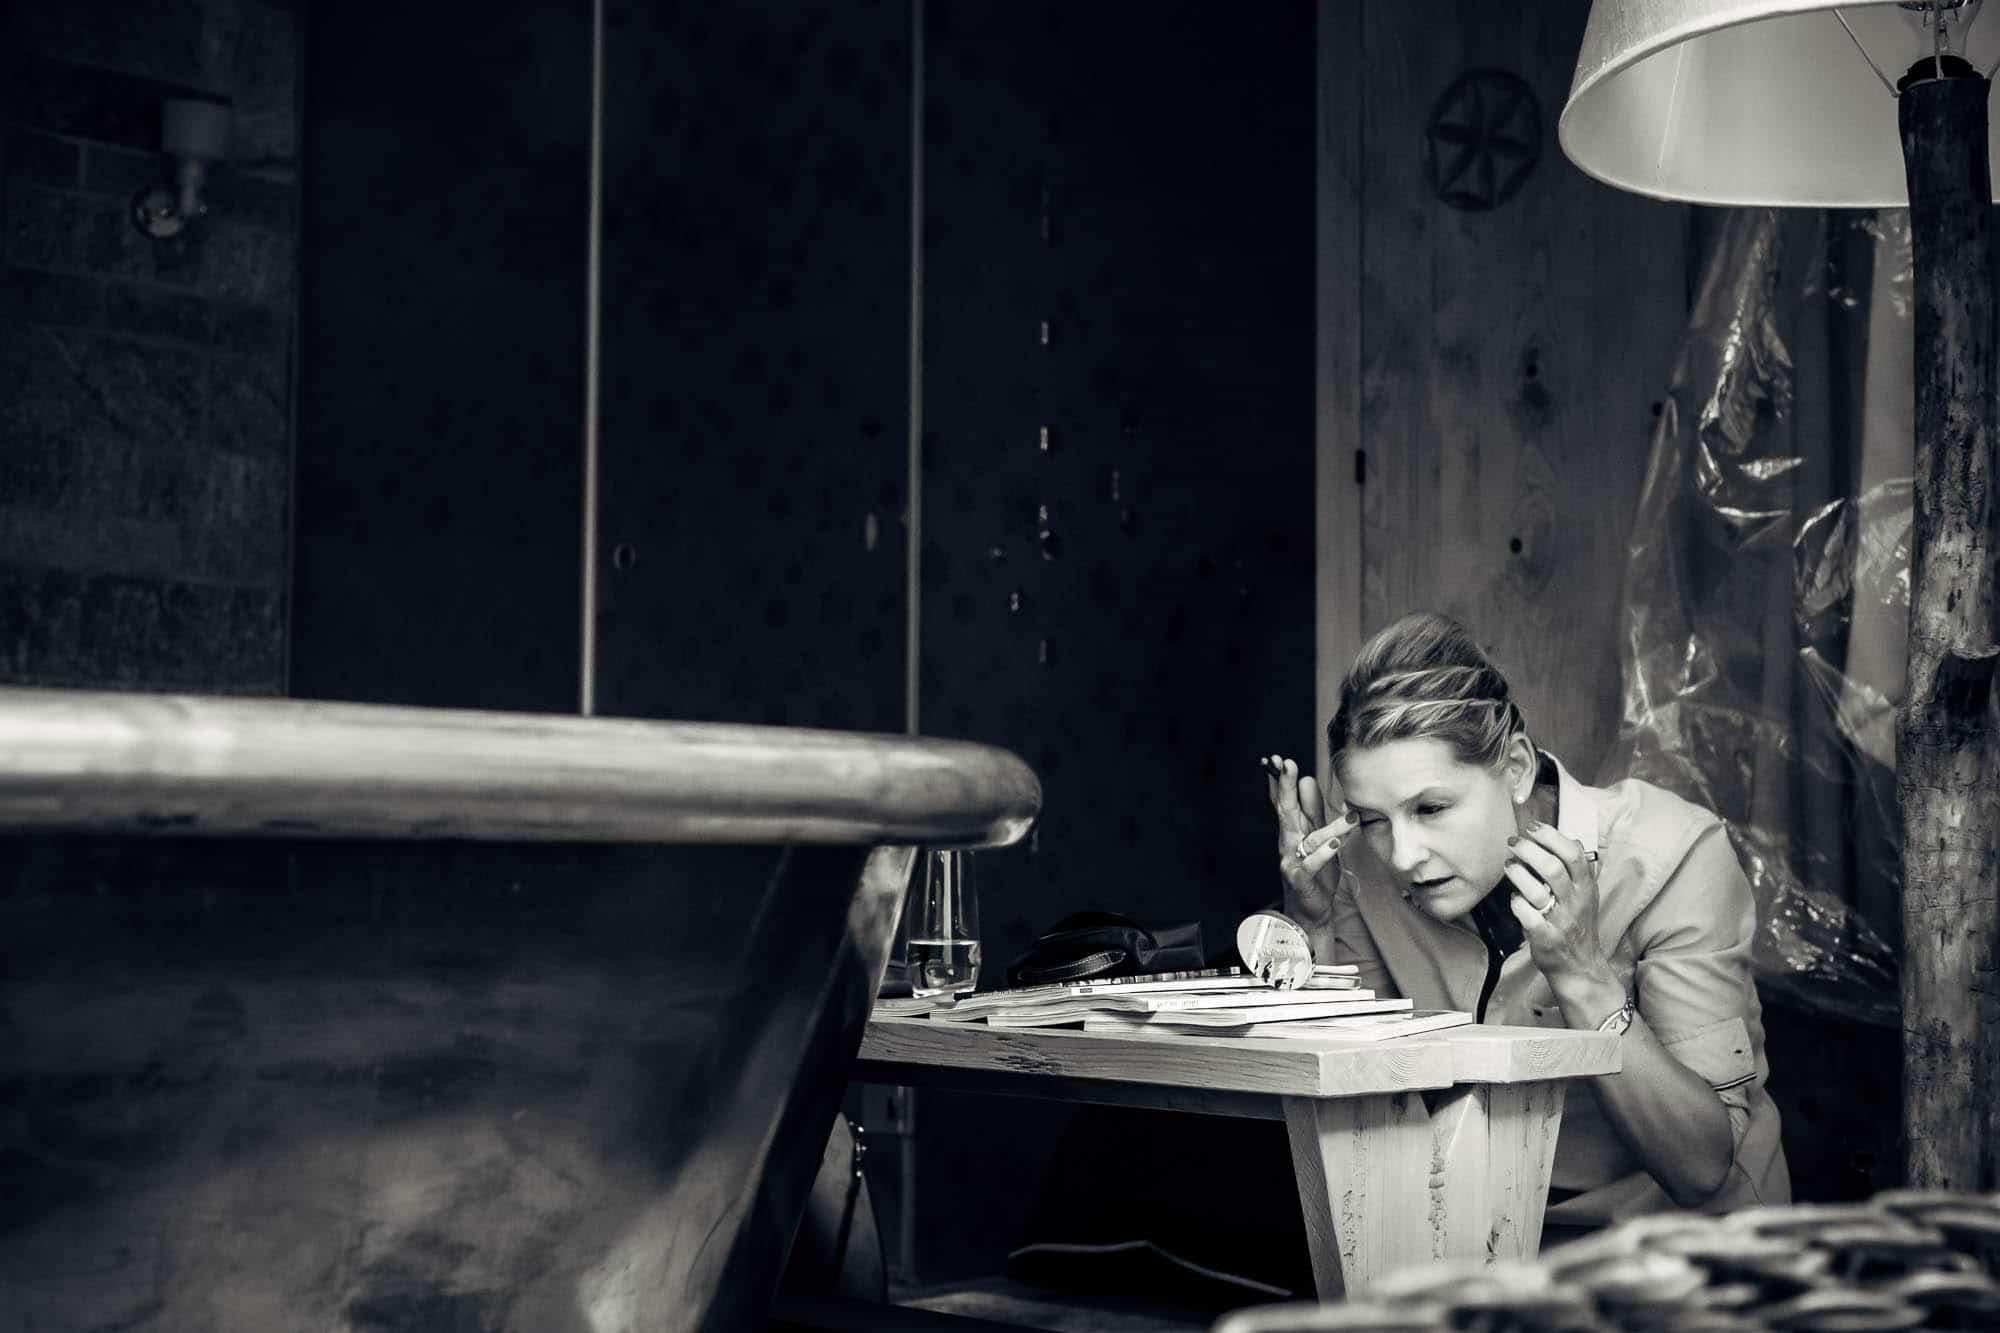 Trauzeugin schminkt sich knieend vor kleinem Taschenspiegel